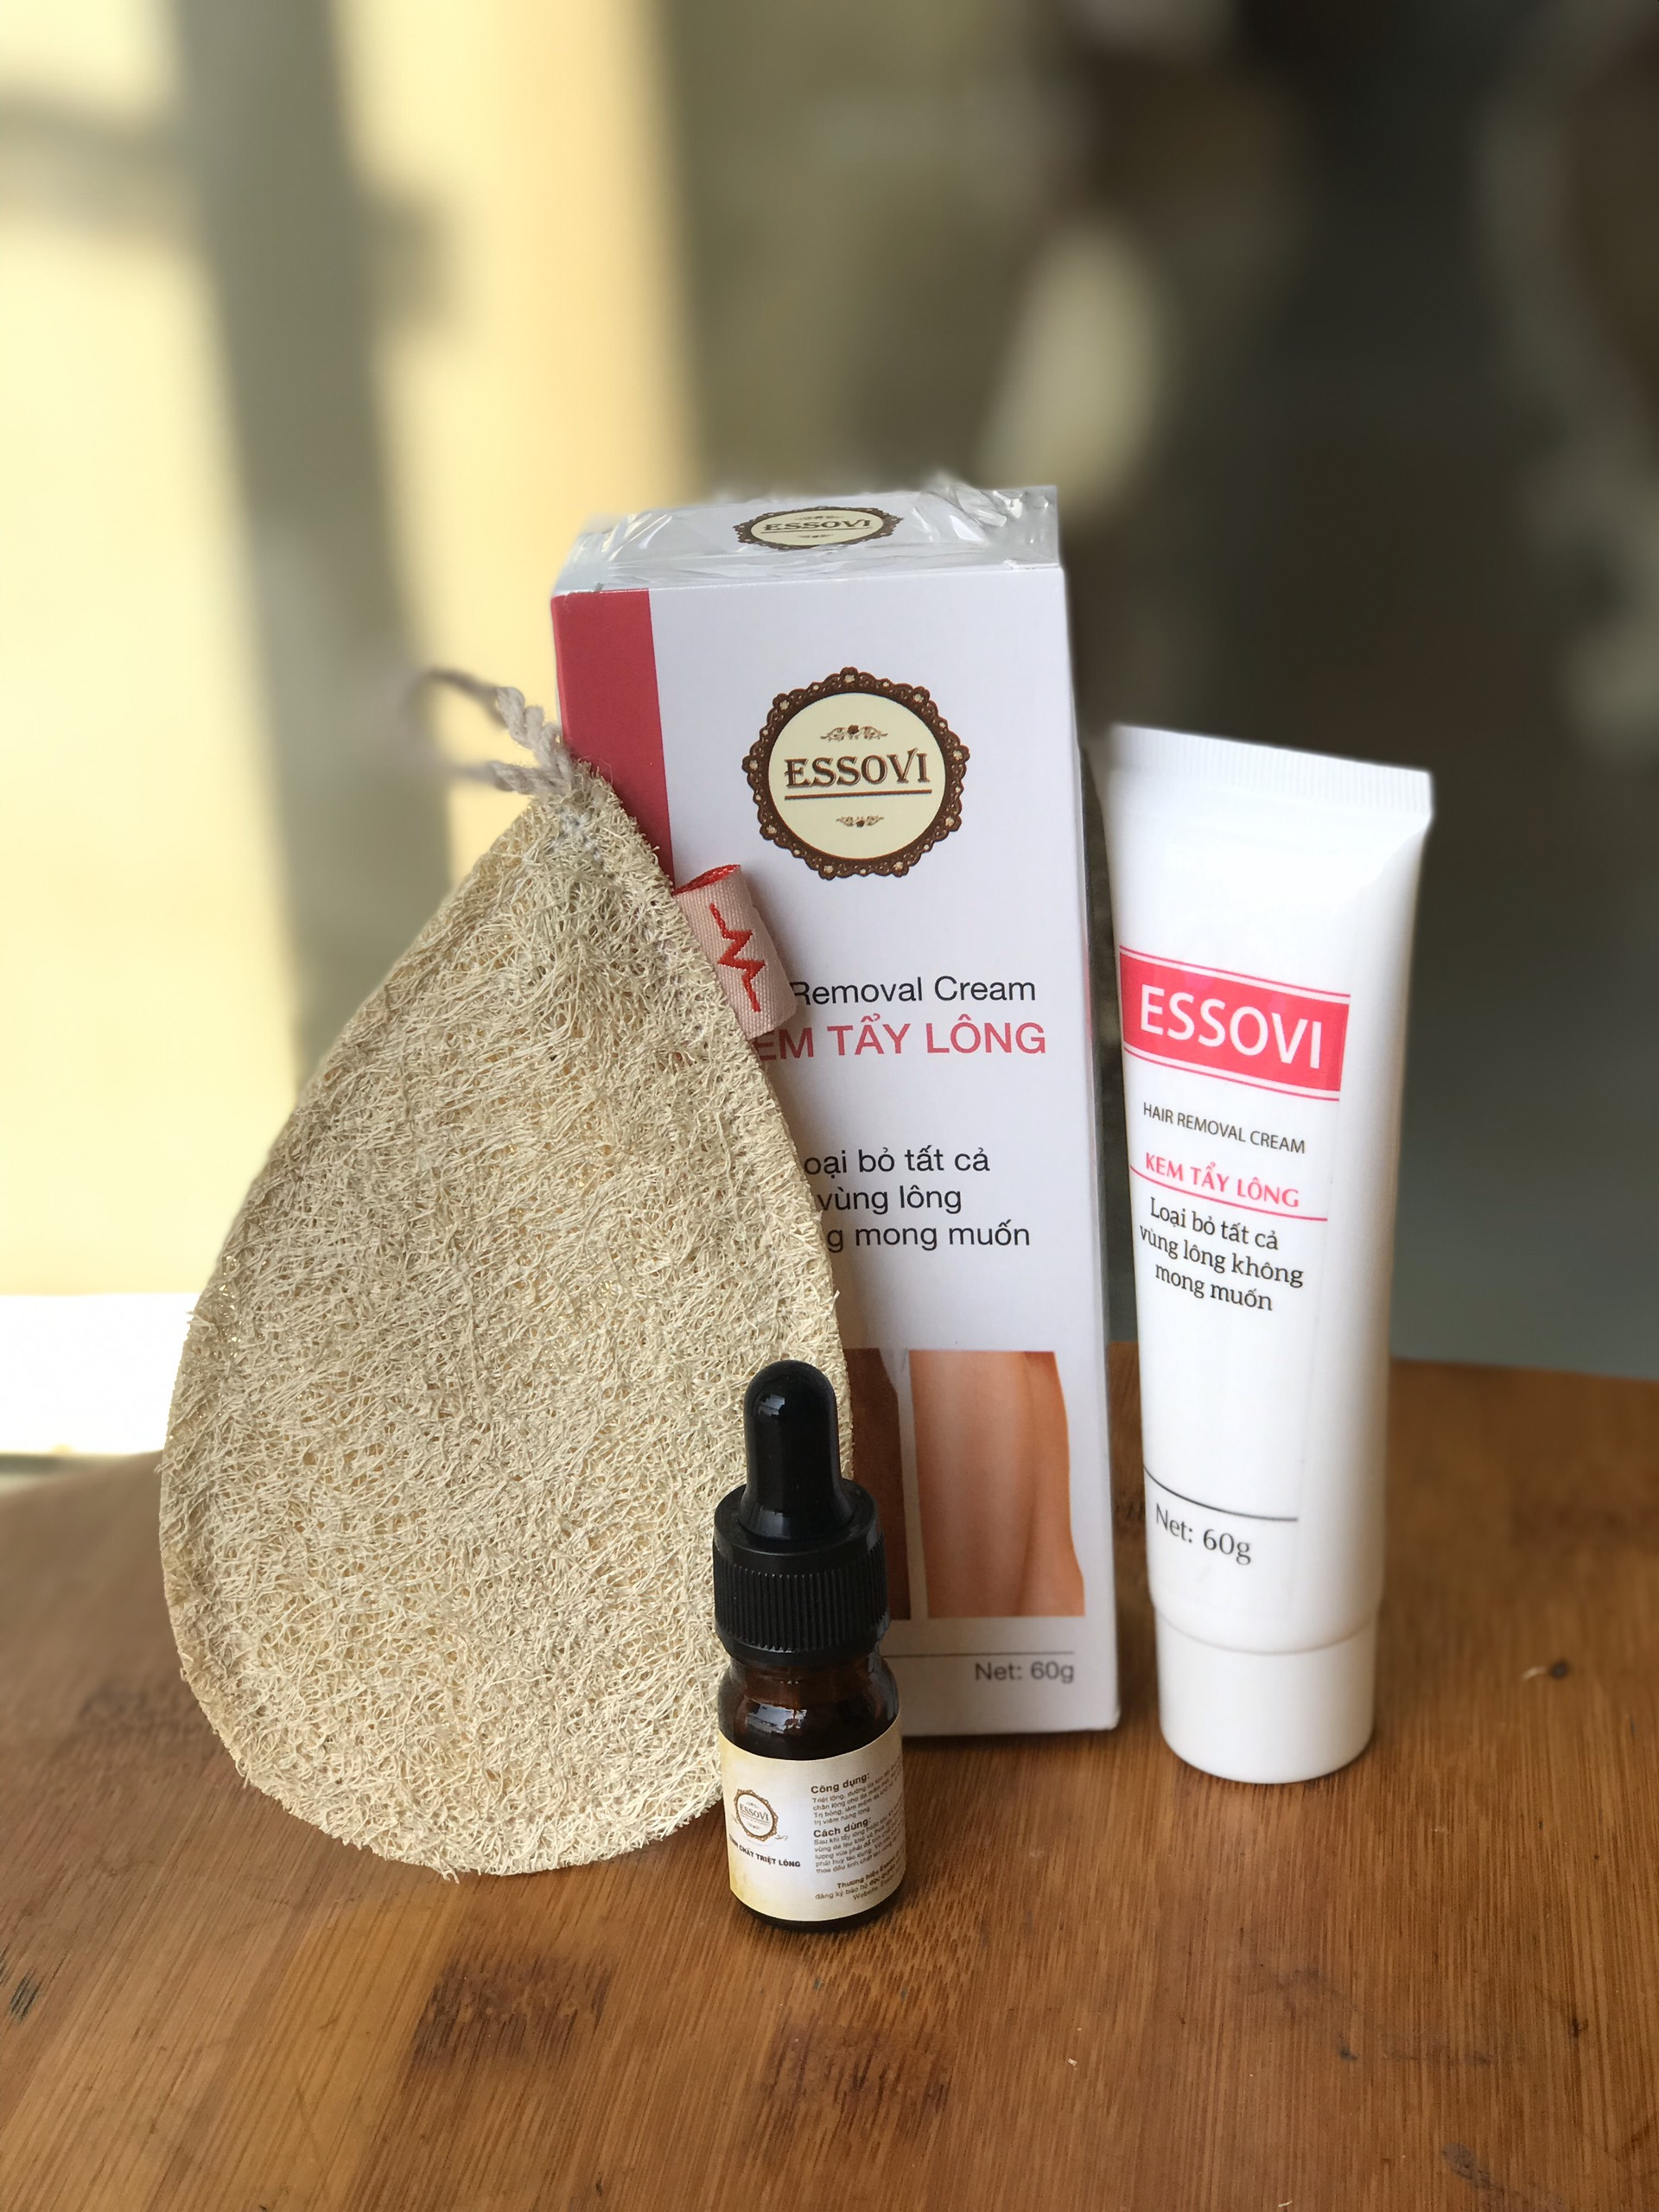 Kem tẩy lông ESSOVI 30g - Thành phần từ thiên nhiên dùng cho mọi loại da - Có khả năng nuôi dưỡng da se khít các lỗ chân lông - Tặng kèm miếng nhám tẩy da cao cấp